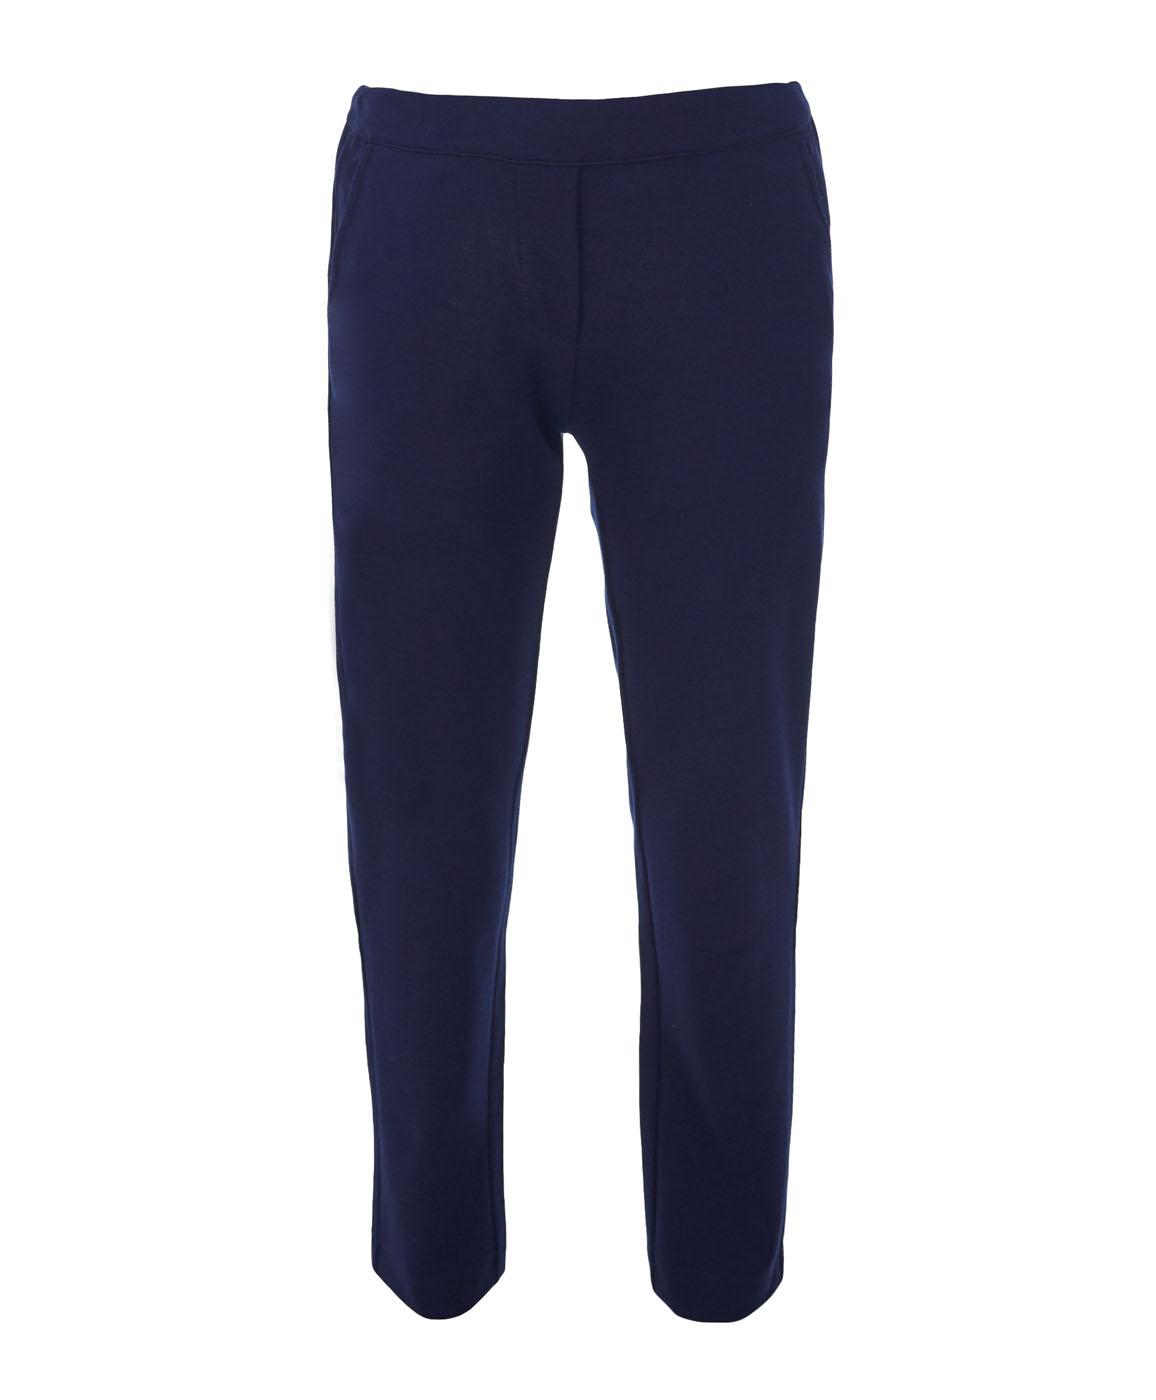 Брюки для девочки Button Blue, цвет: темно-синий. 217BBGS56021000. Размер 128, 8 лет рубашка для мальчика button blue цвет белый 217bbbc23010213 размер 128 8 лет